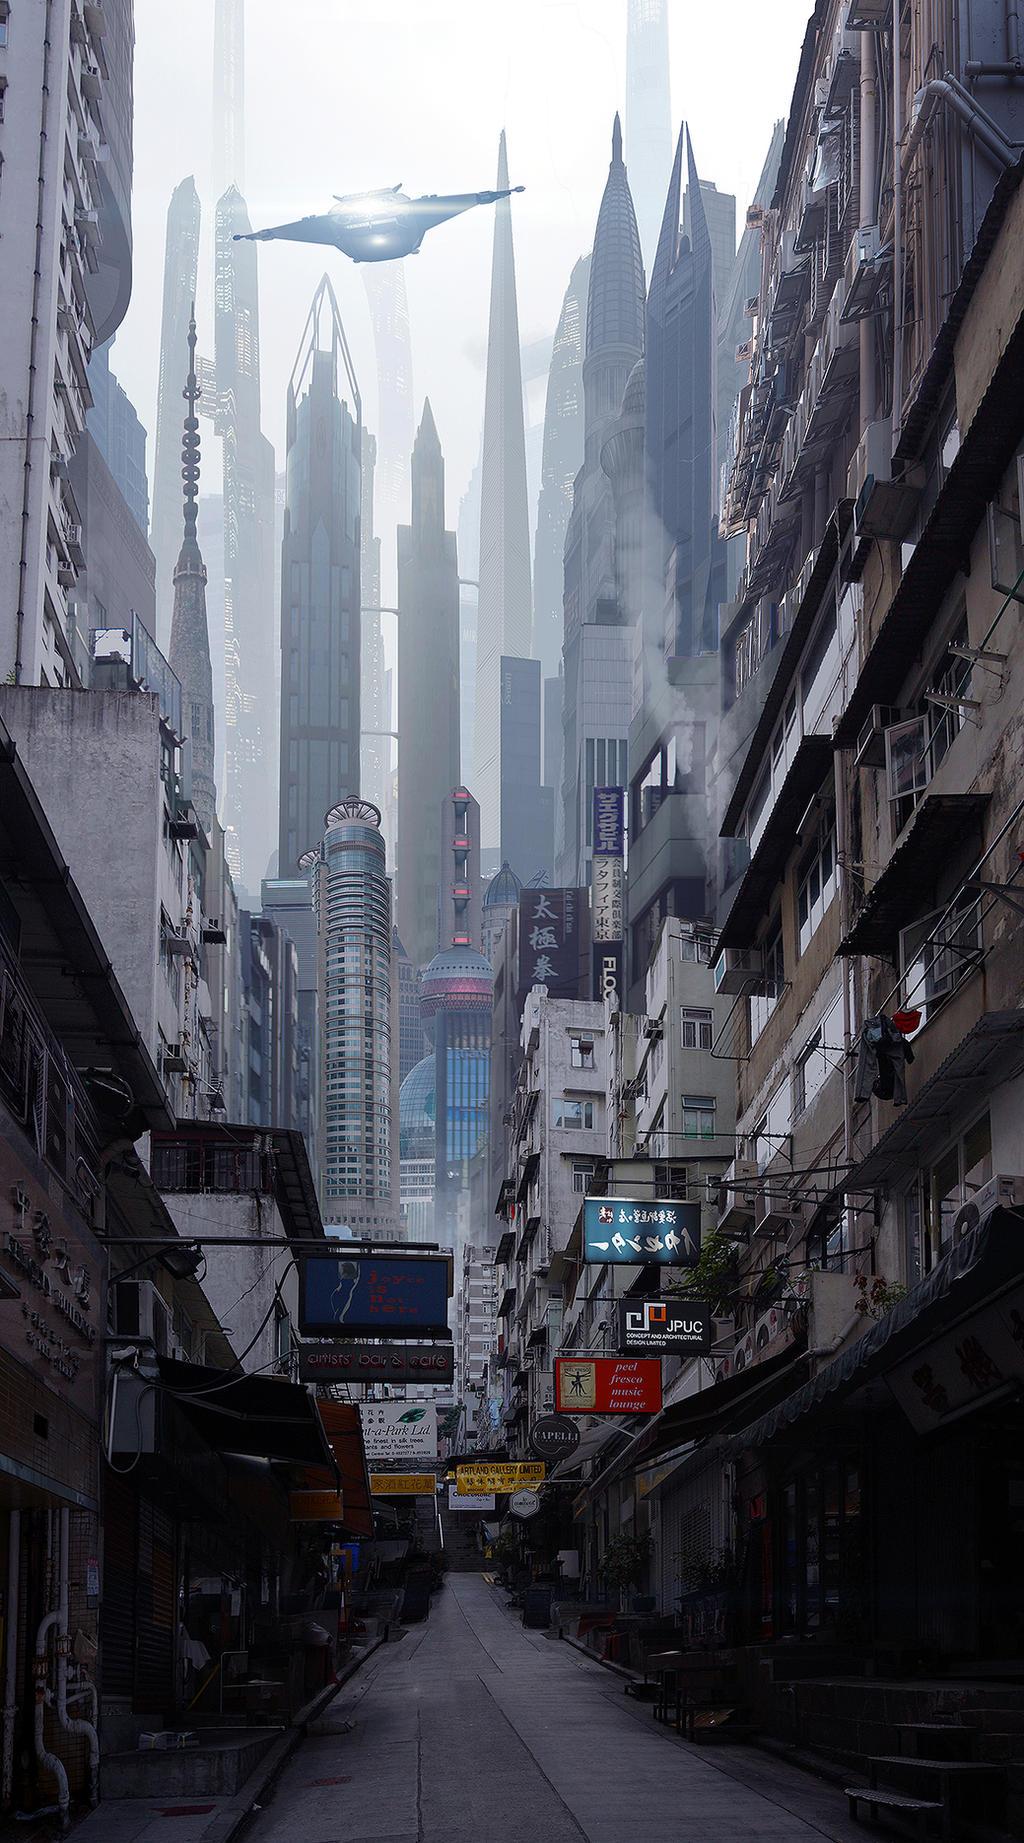 Sci Fi City Street by rich35211